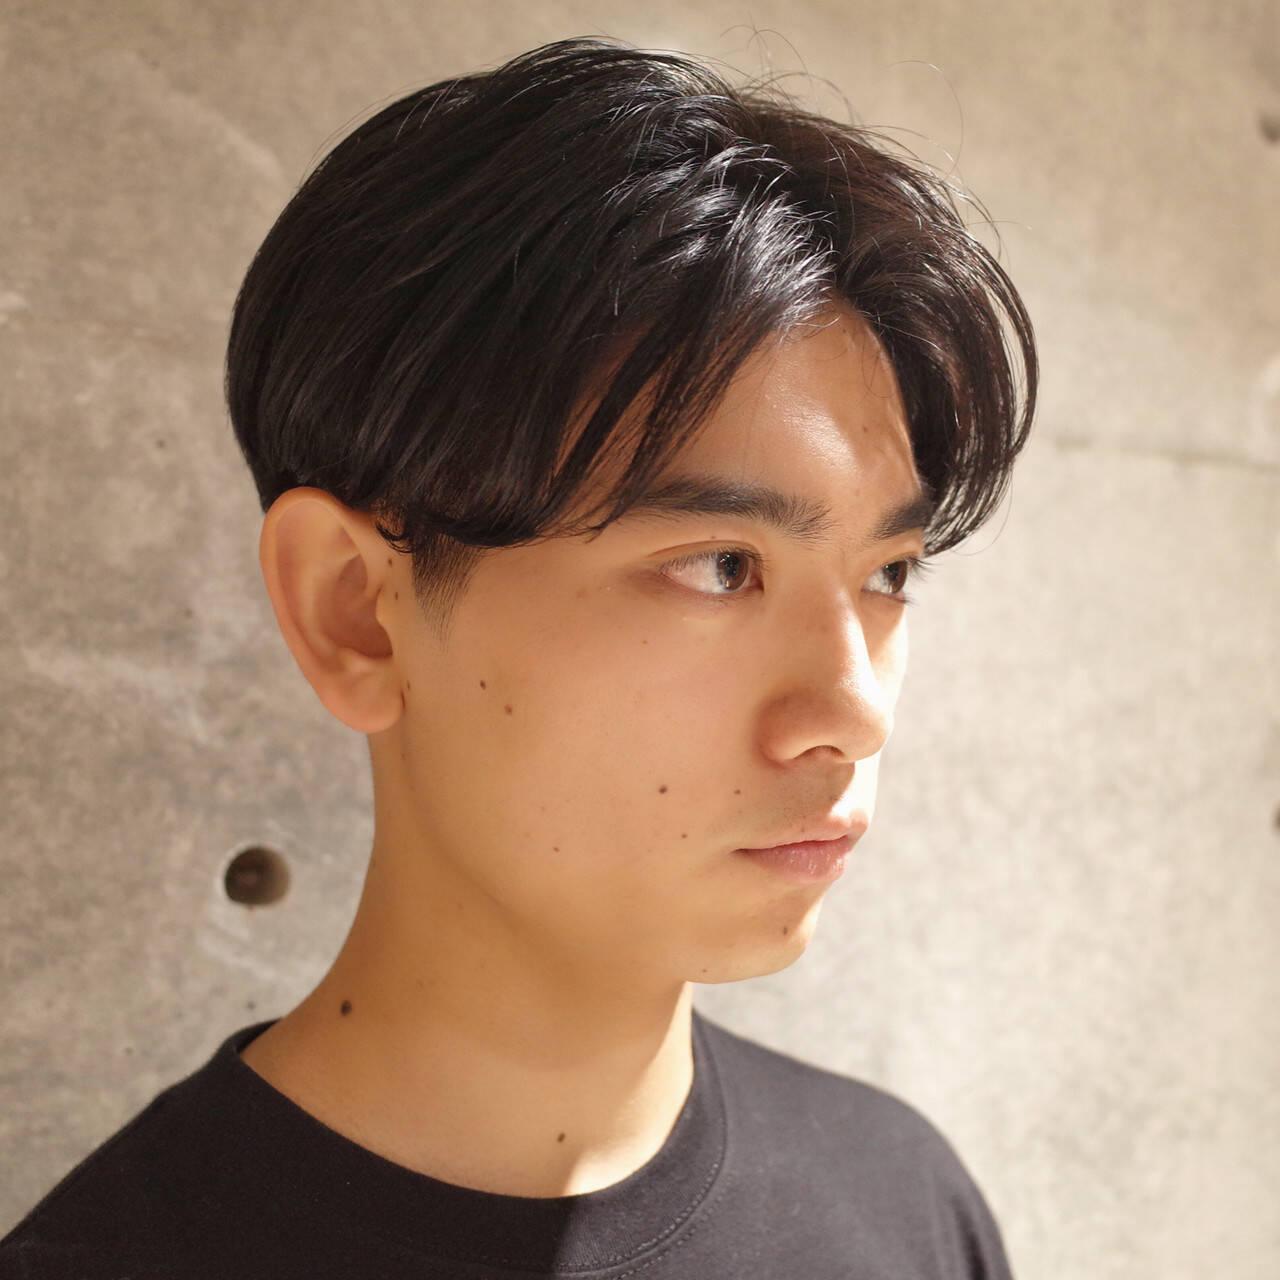 ナチュラル メンズ ショート メンズヘアヘアスタイルや髪型の写真・画像